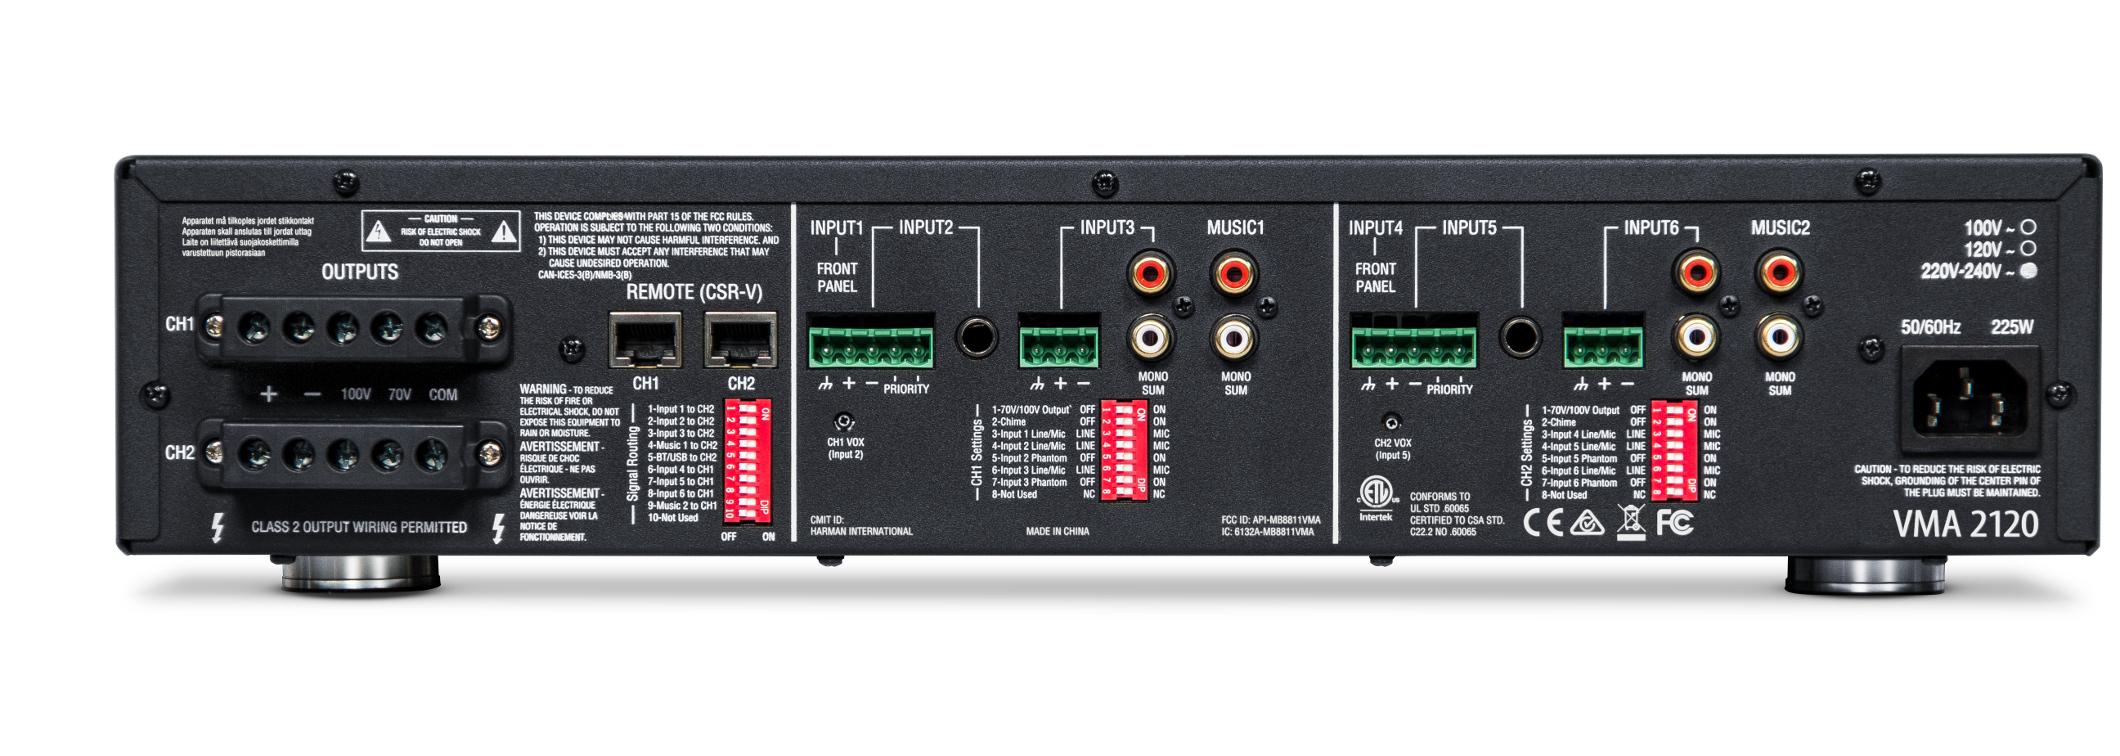 Mixer/Amplifier 8 Input x 2 120-Watt Output